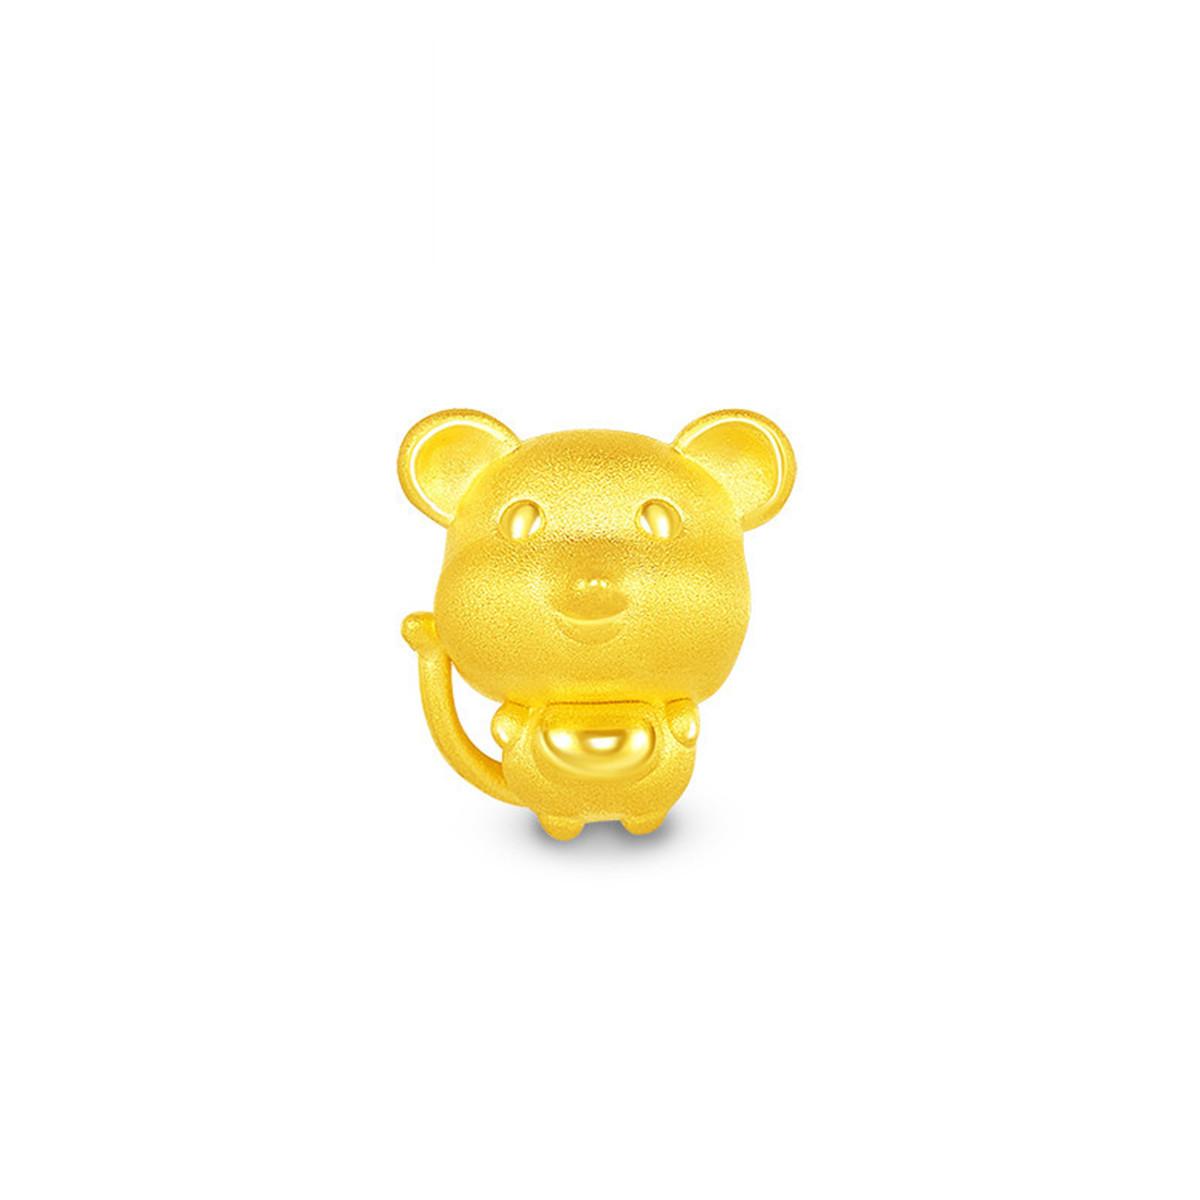 潮宏基潮宏基十二生肖黄金串珠足金转运珠3D硬金SHG30000431